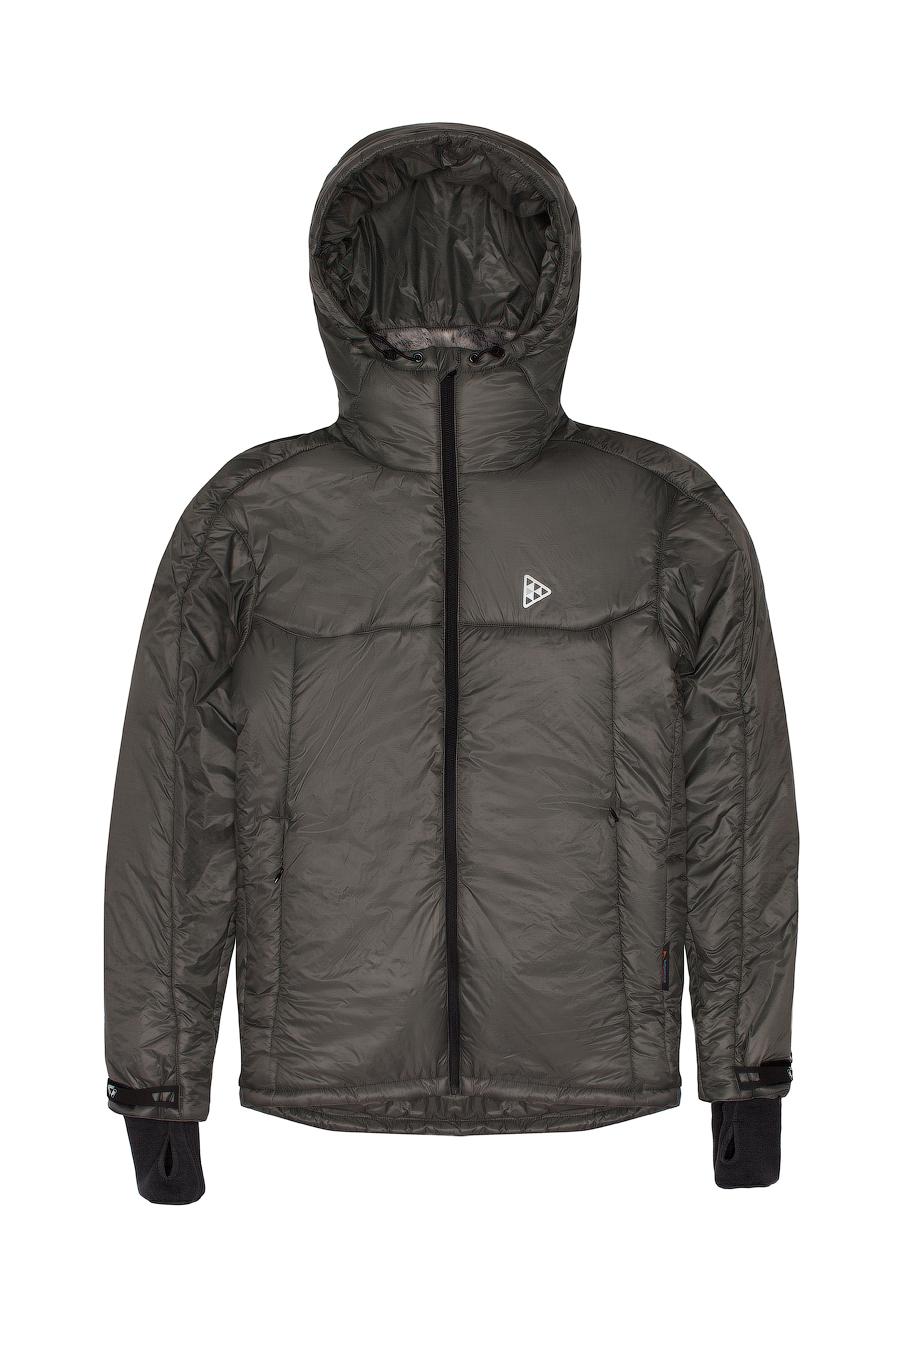 Куртка BASK PML ALTITUDE V2 фото